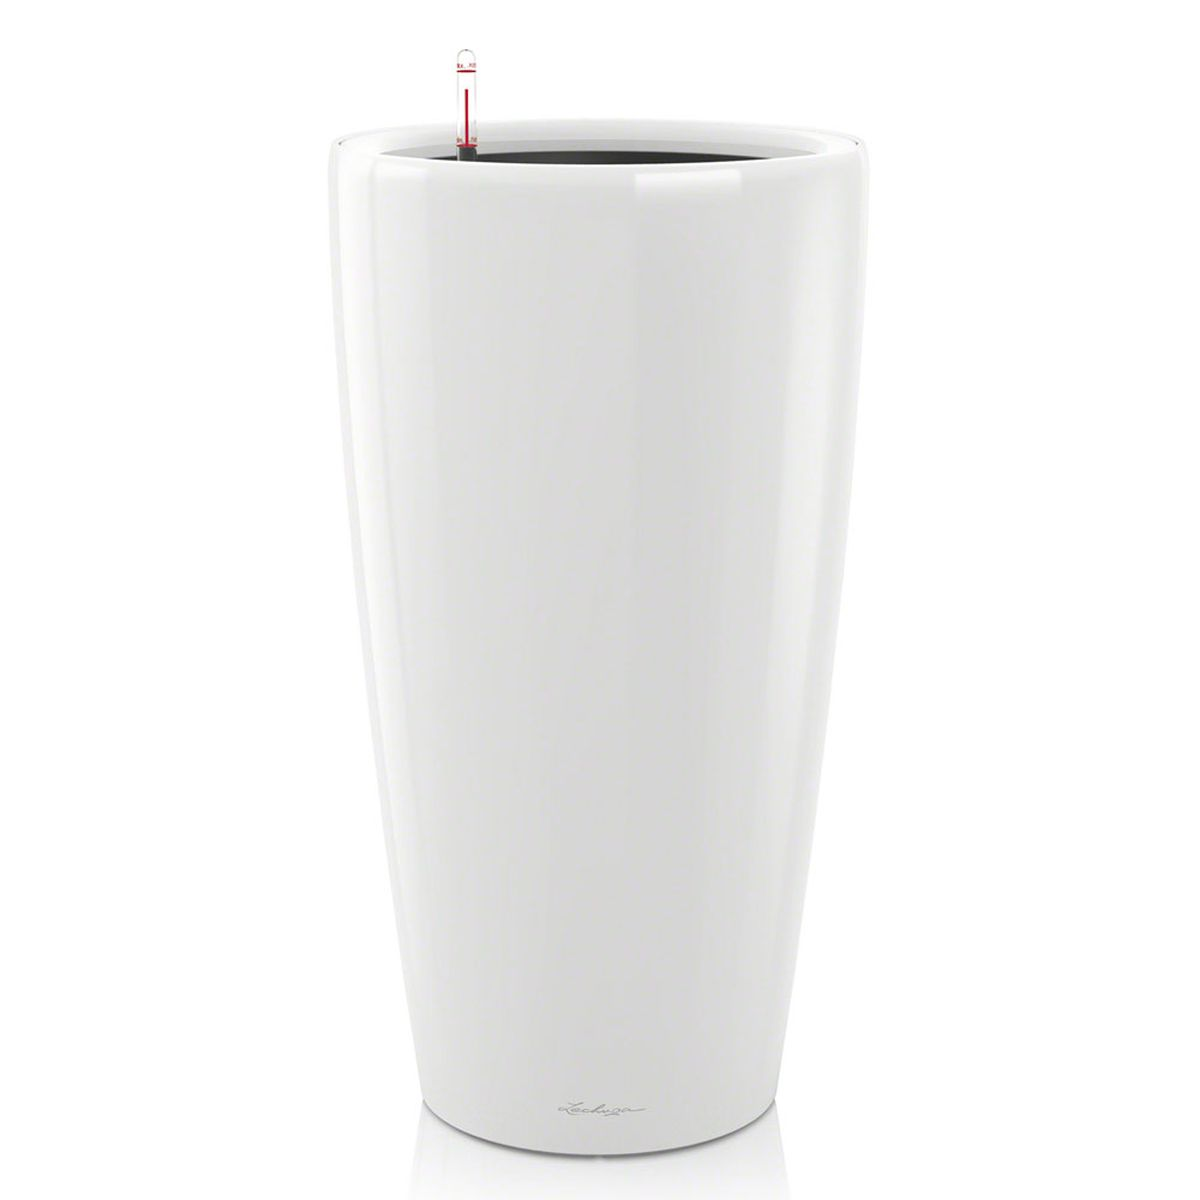 Кашпо Lechuza Rondo, с системой автополива, цвет: белый, диаметр 32 смМ 3225Кашпо Lechuza Rondo, изготовленное из высококачественного пластика, идеальное решение для тех, кто регулярно забывает поливать комнатные растения. Стильный дизайн позволит украсить растениями офис, кафе или любое другое помещение. Кашпо Lechuza Rondo с системой автополива упростит уход за вашими цветами и поможет растениям получать то количество влаги, которое им необходимо в данный момент времени.В набор входит: кашпо, внутренний горшок, индикатор уровня воды, вал подачи воды, субстрат растений в качестве дренажного слоя, резервуар для воды.Внутренний горшок, оснащенный выдвижными ручками, обеспечивает:- легкую переноску даже высоких растений;- легкую смену растений;- можно также просто убрать растения на зиму;- винт в днище позволяет стечь излишней дождевой воде наружу.Кашпо Lechuza Rondo украсит любой интерьер и станет замечательным подарком для ваших родных и близких.